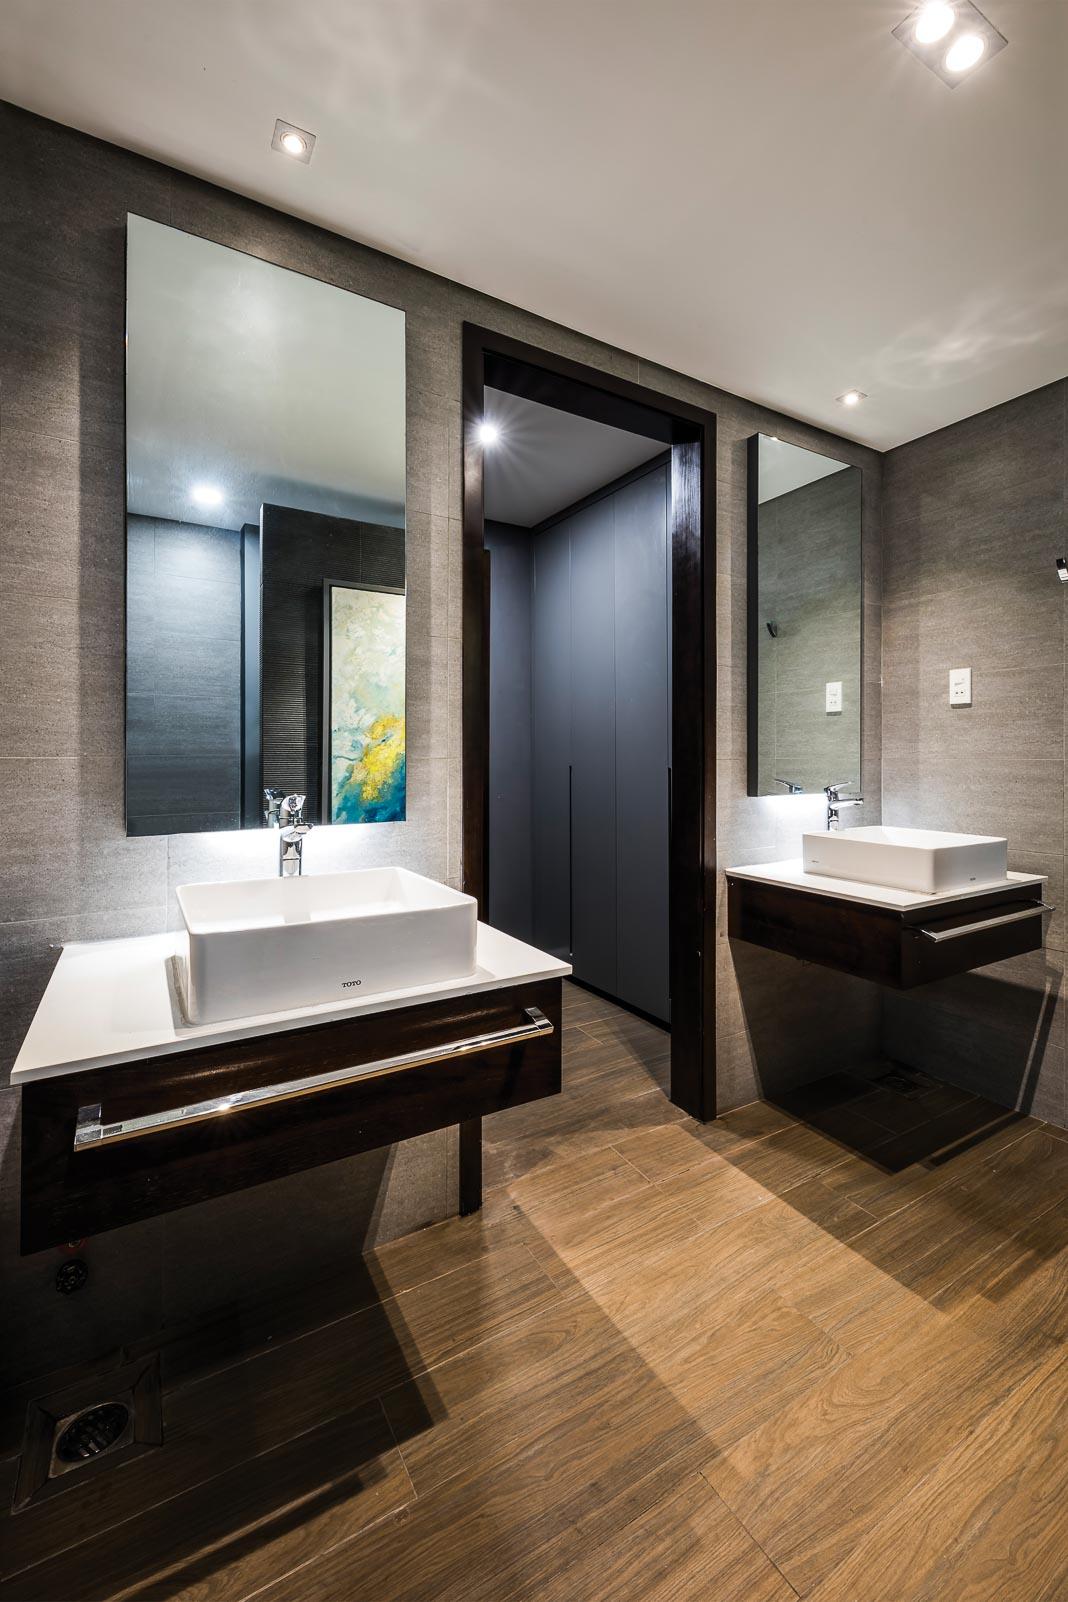 Một góc nhìn từ khối vệ sinh ra hành lang